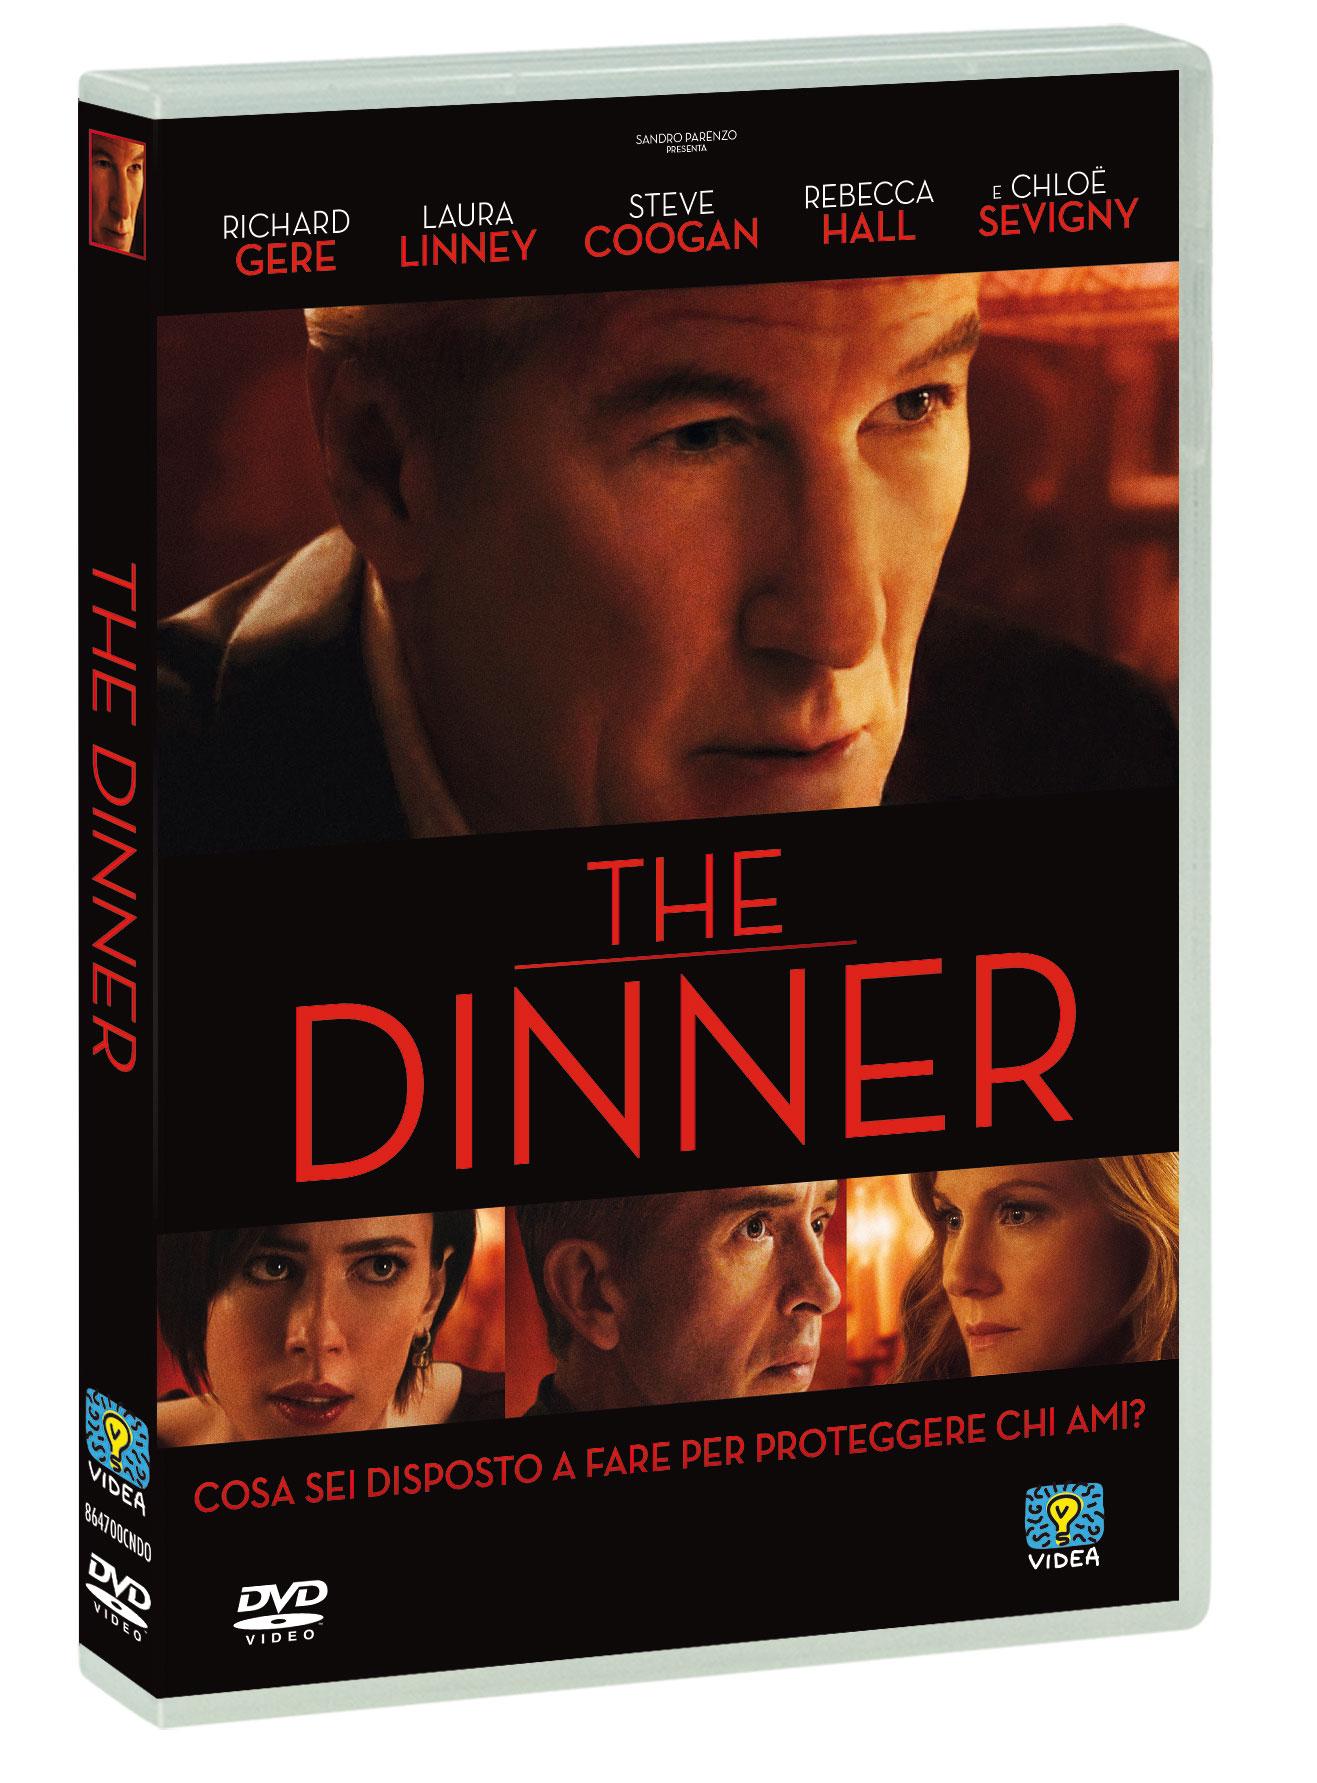 THE DINNER (DVD)